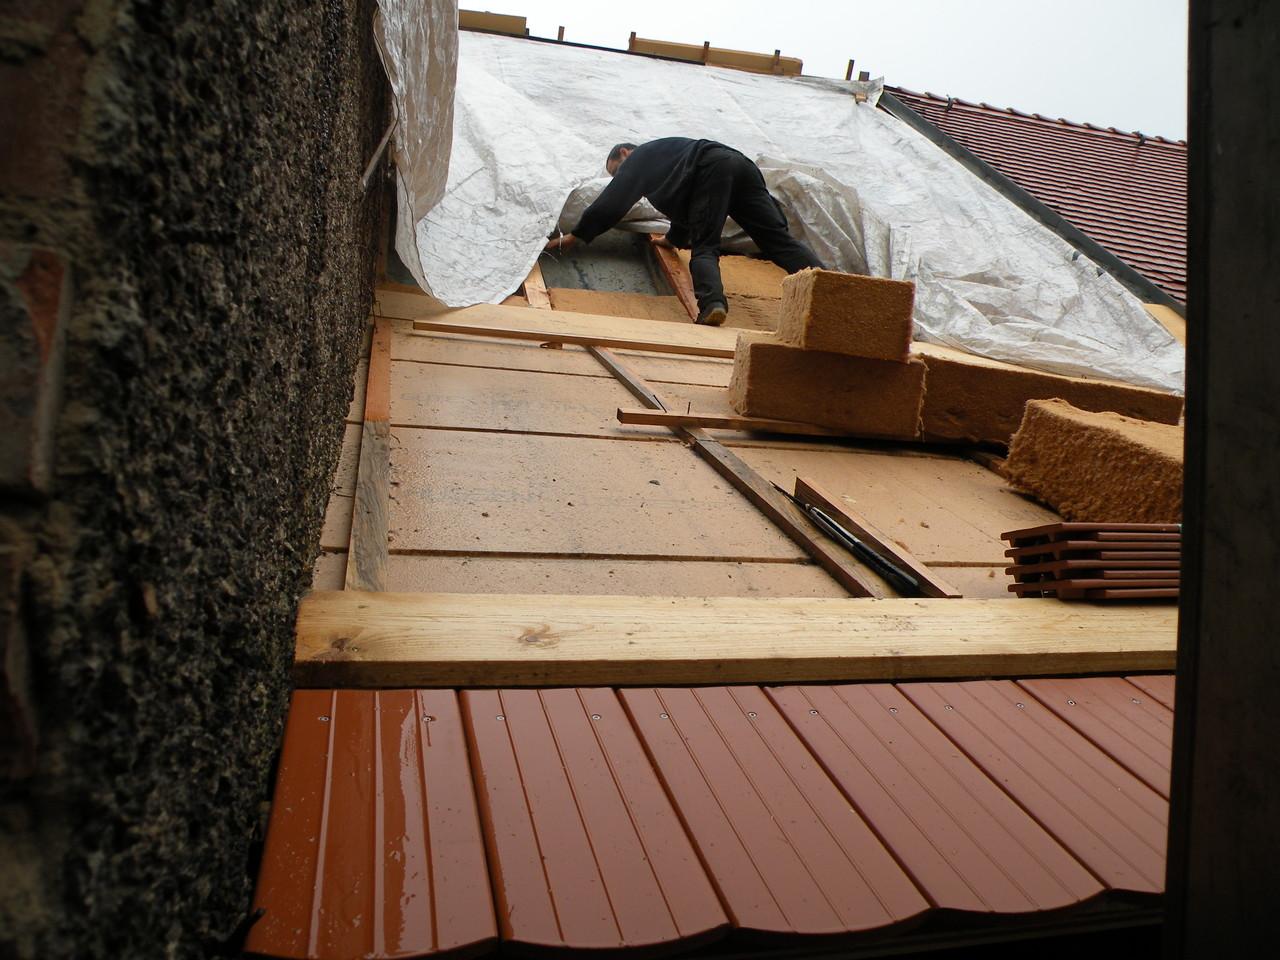 Ein Regentag und die Männer bis Mittag auf dem Dach...